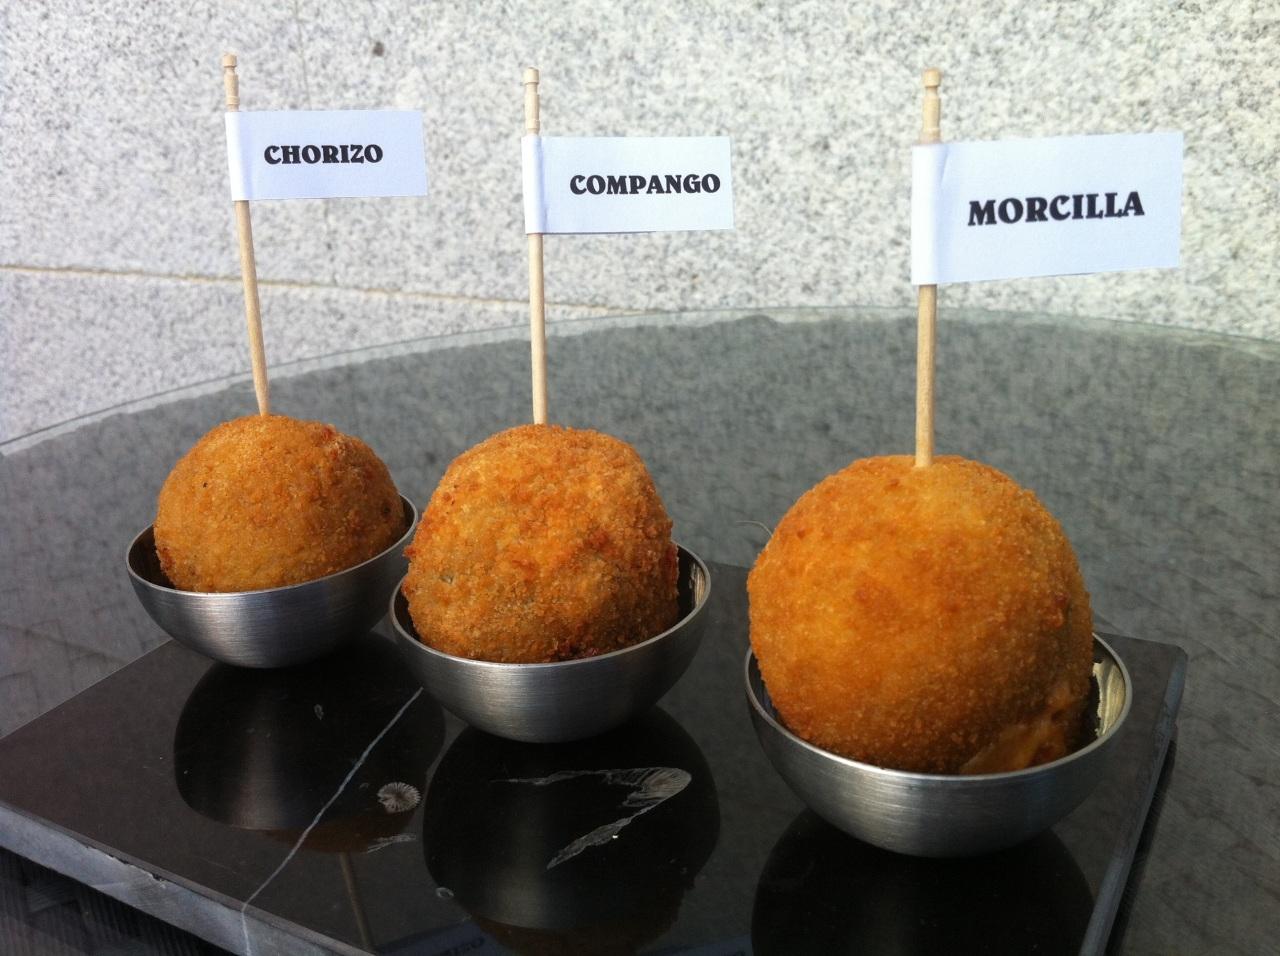 Croquetas de Compango – CompangoCroquettes